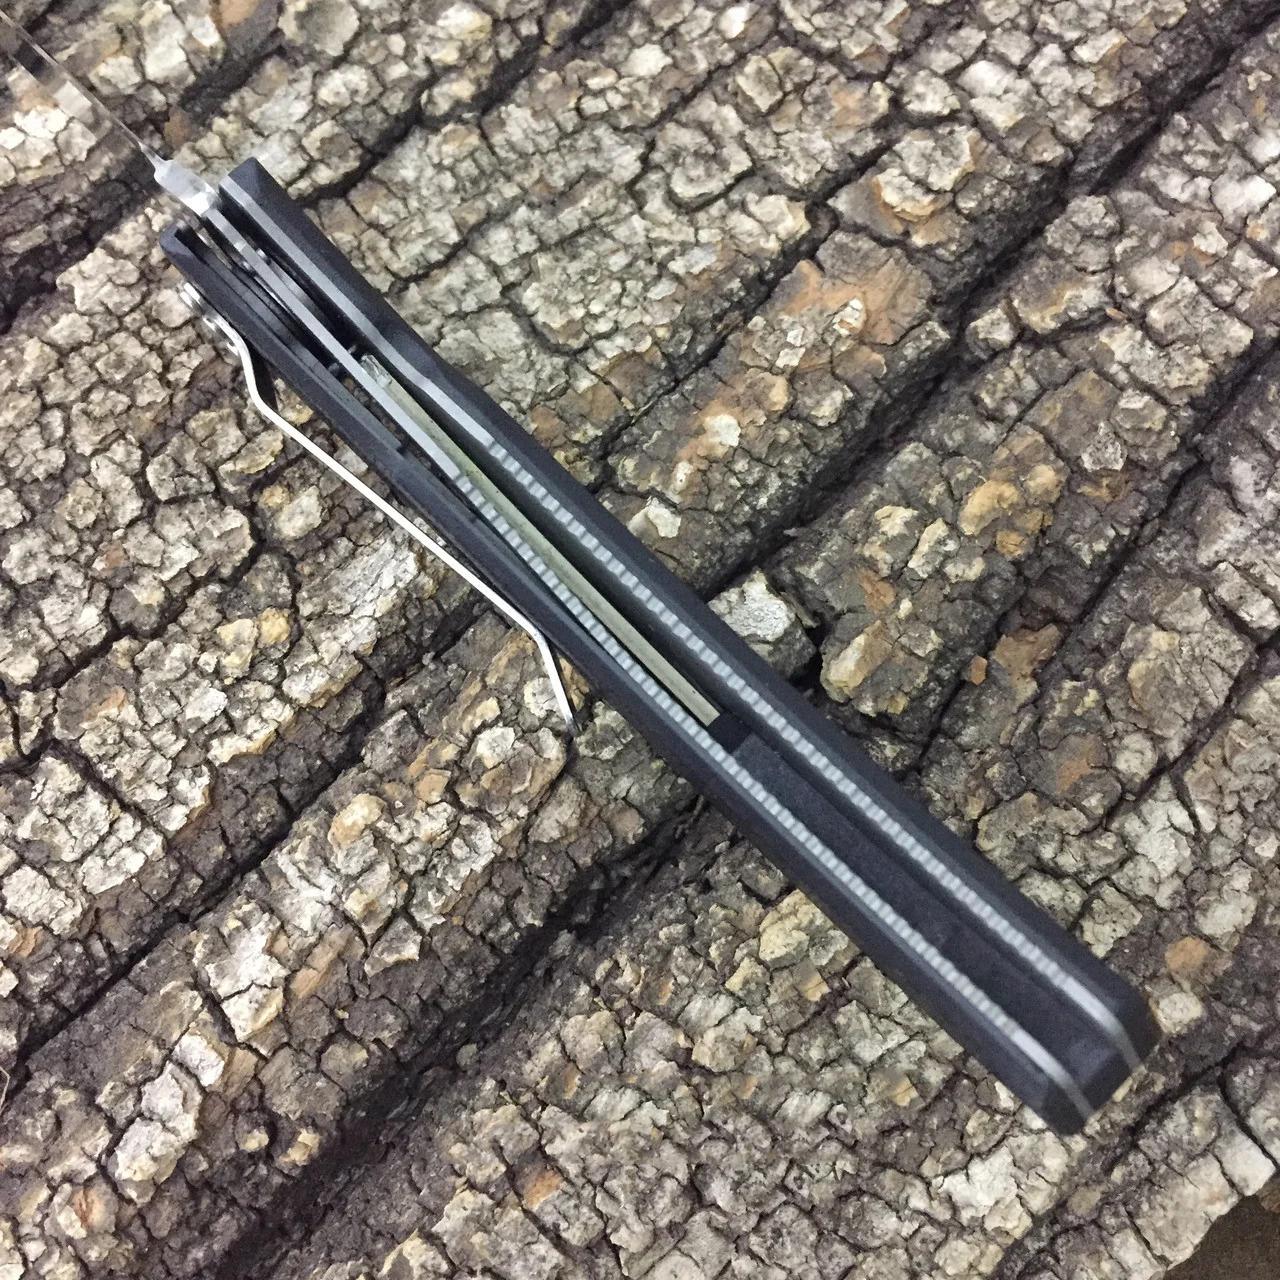 Фото 13 - Полуавтоматический складной нож Lift Off, CRKT 6830, сталь AUS-8, рукоять термопластик Zytel®/сталь